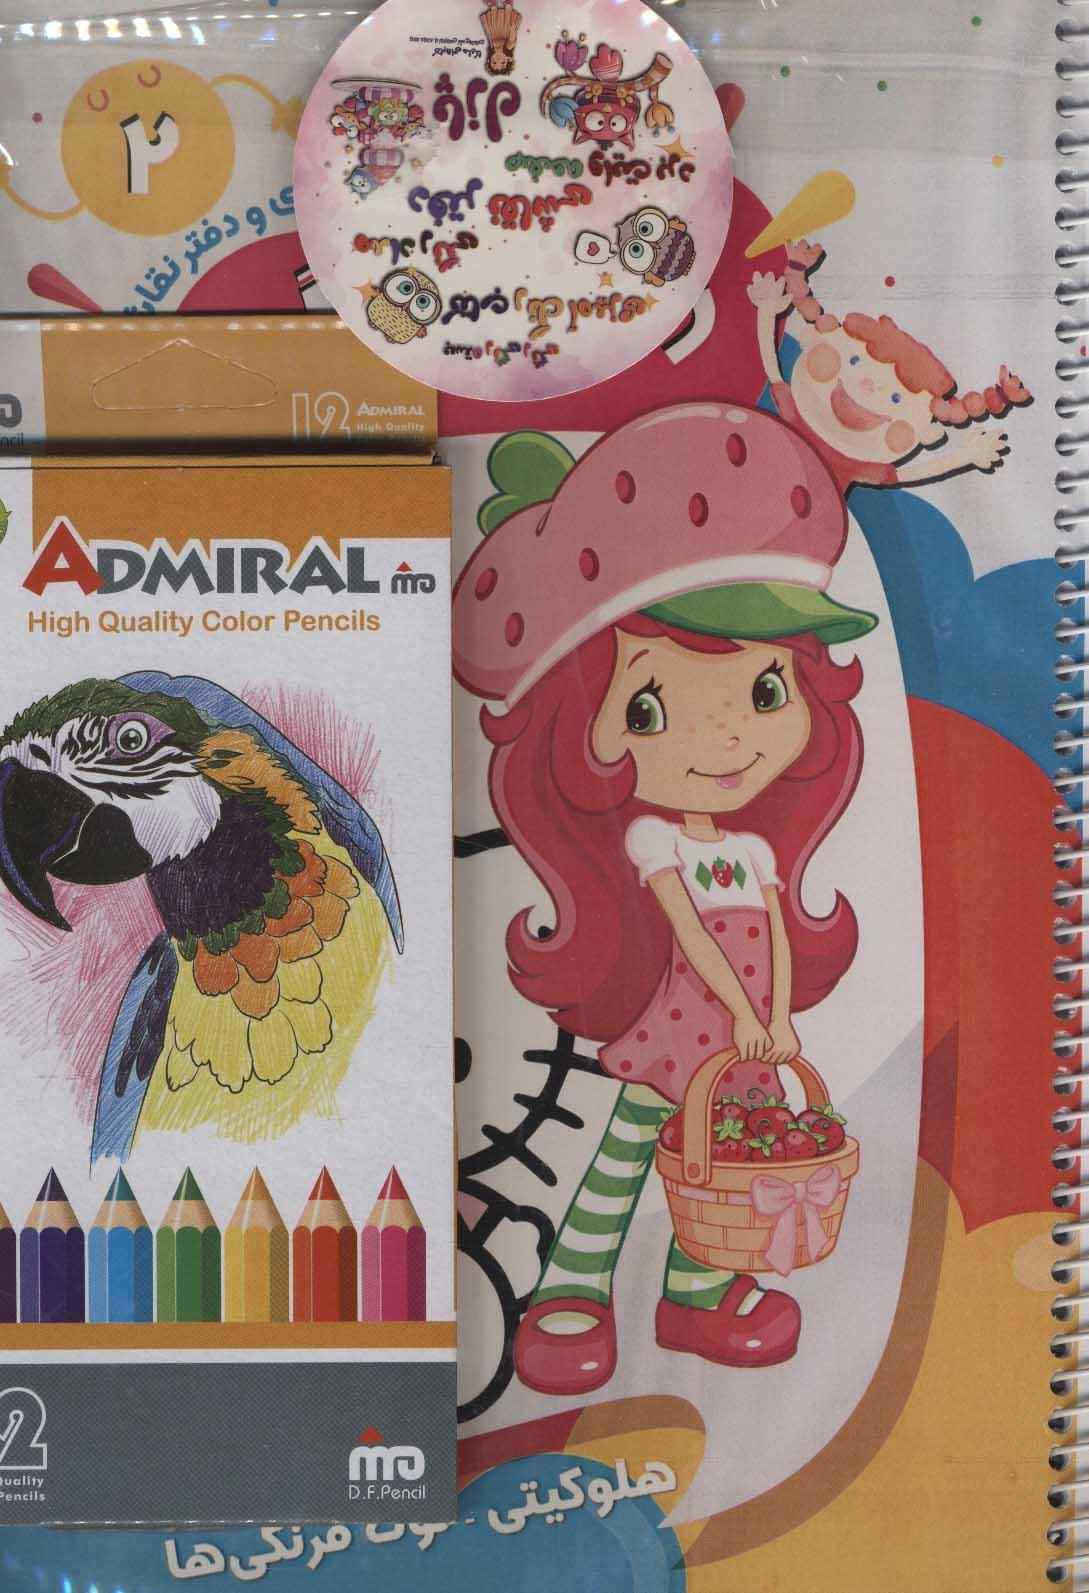 بسته رنگی رنگی 2 (دفتر رنگ آمیزی و نقاشی،پازل دختر توت فرنگی 24 تکه،مداد رنگی)